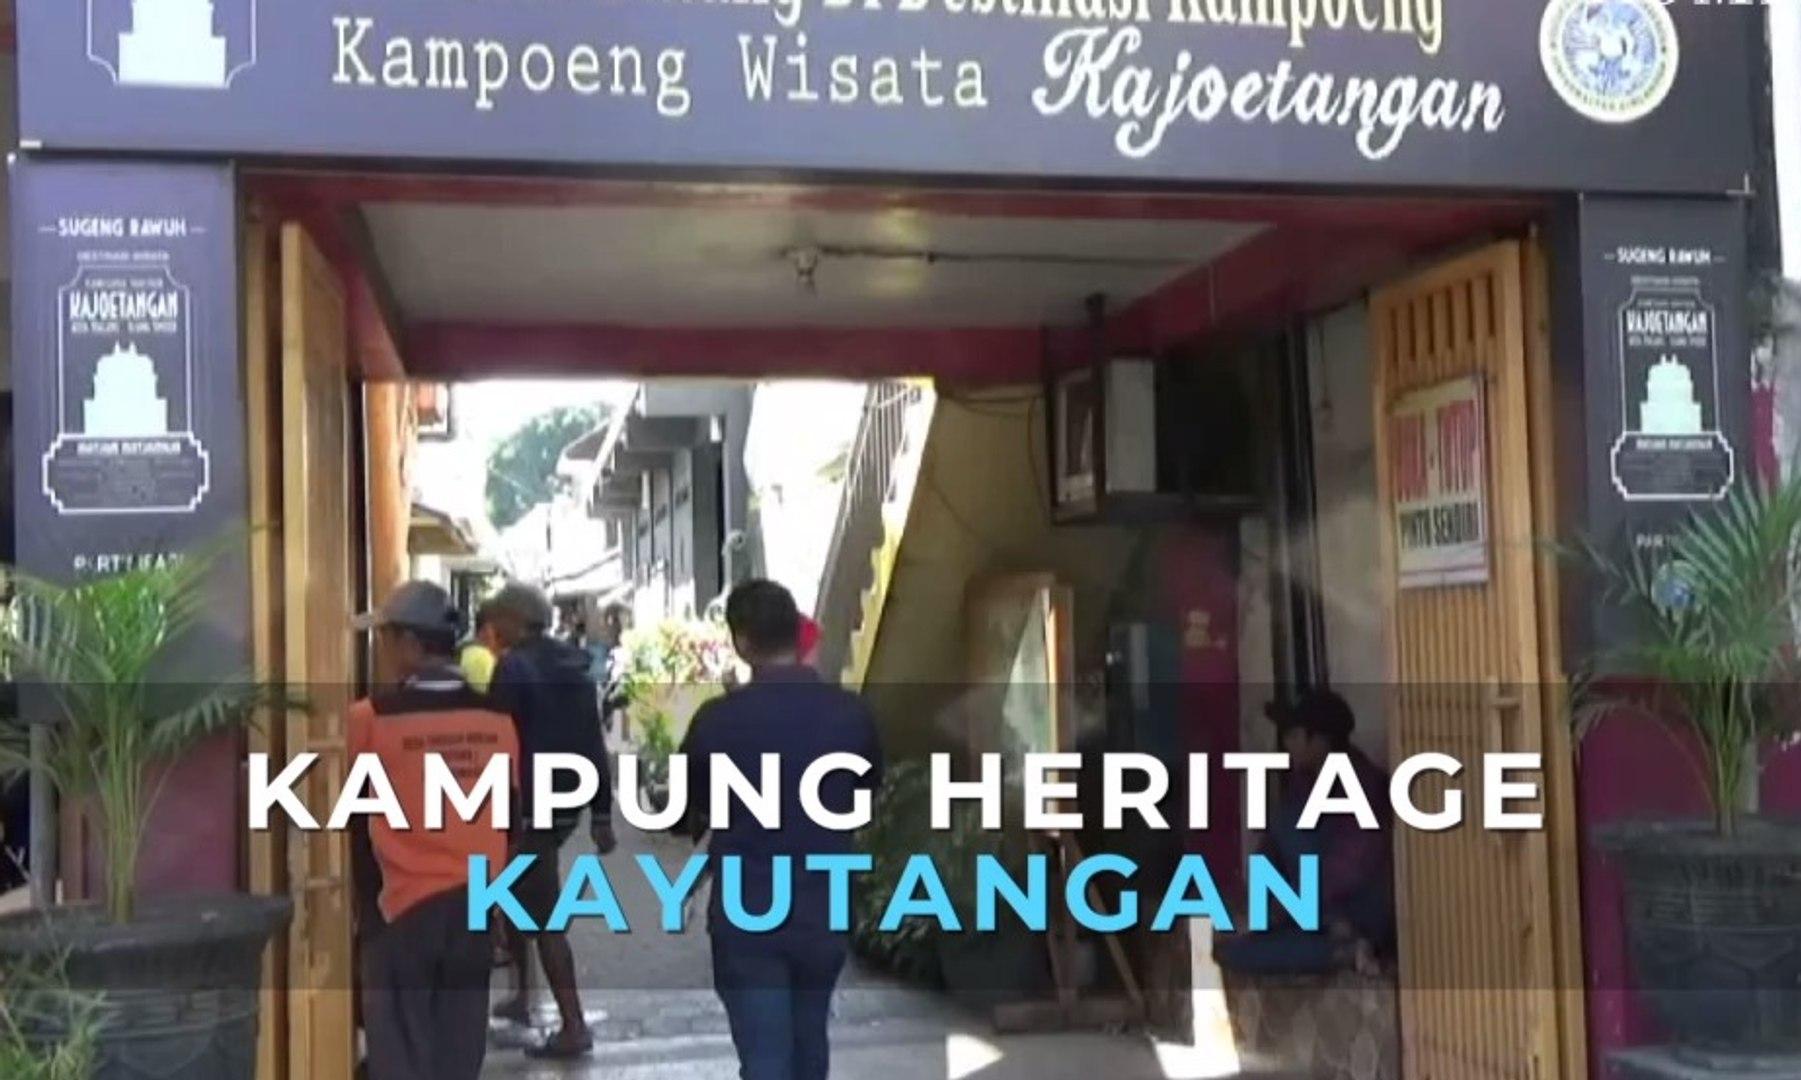 Kampung Heritage Kayutangan